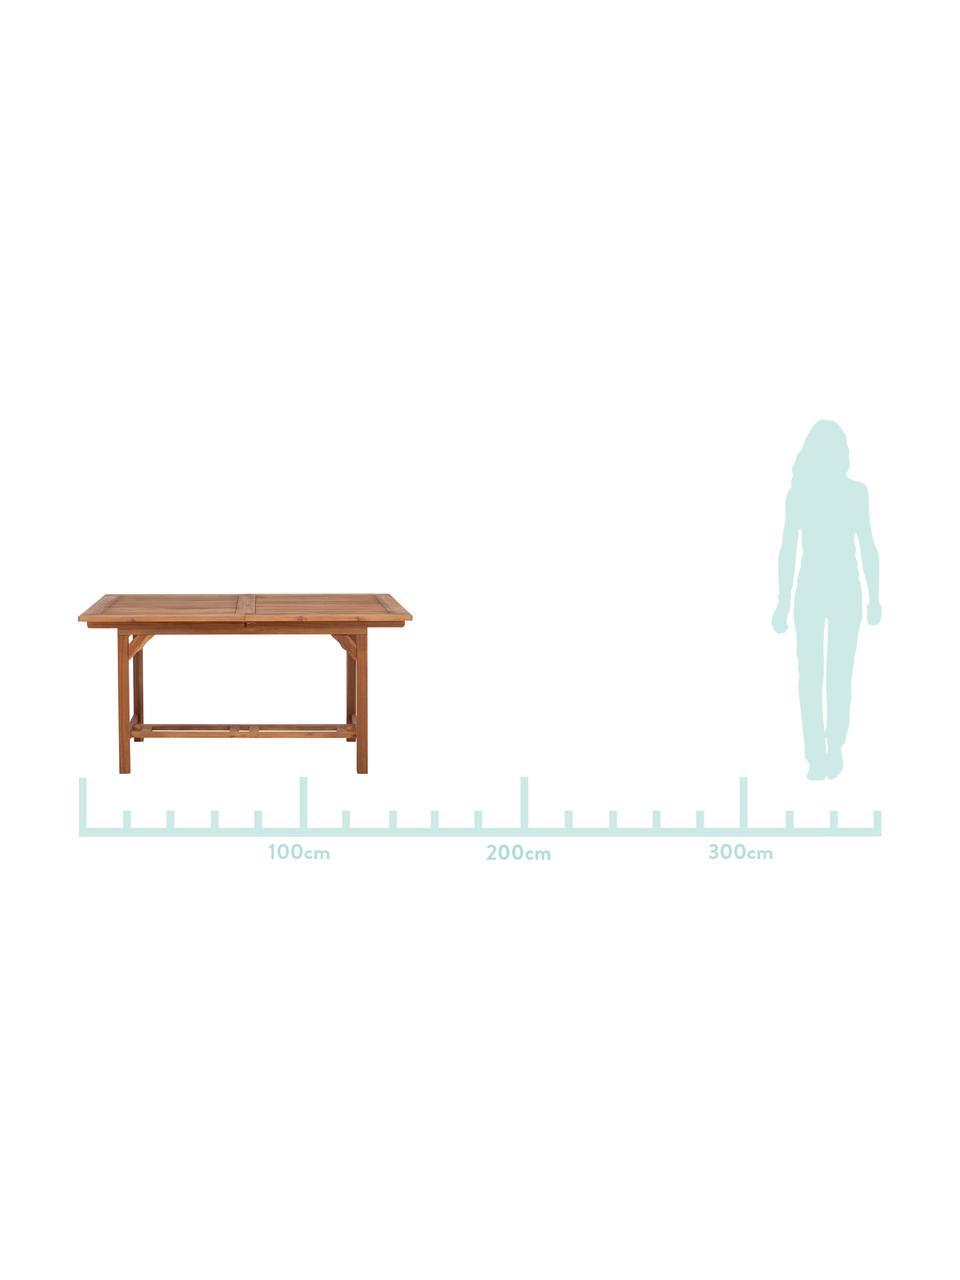 Table de jardin extensible en bois Somerset, Bois d'acacia